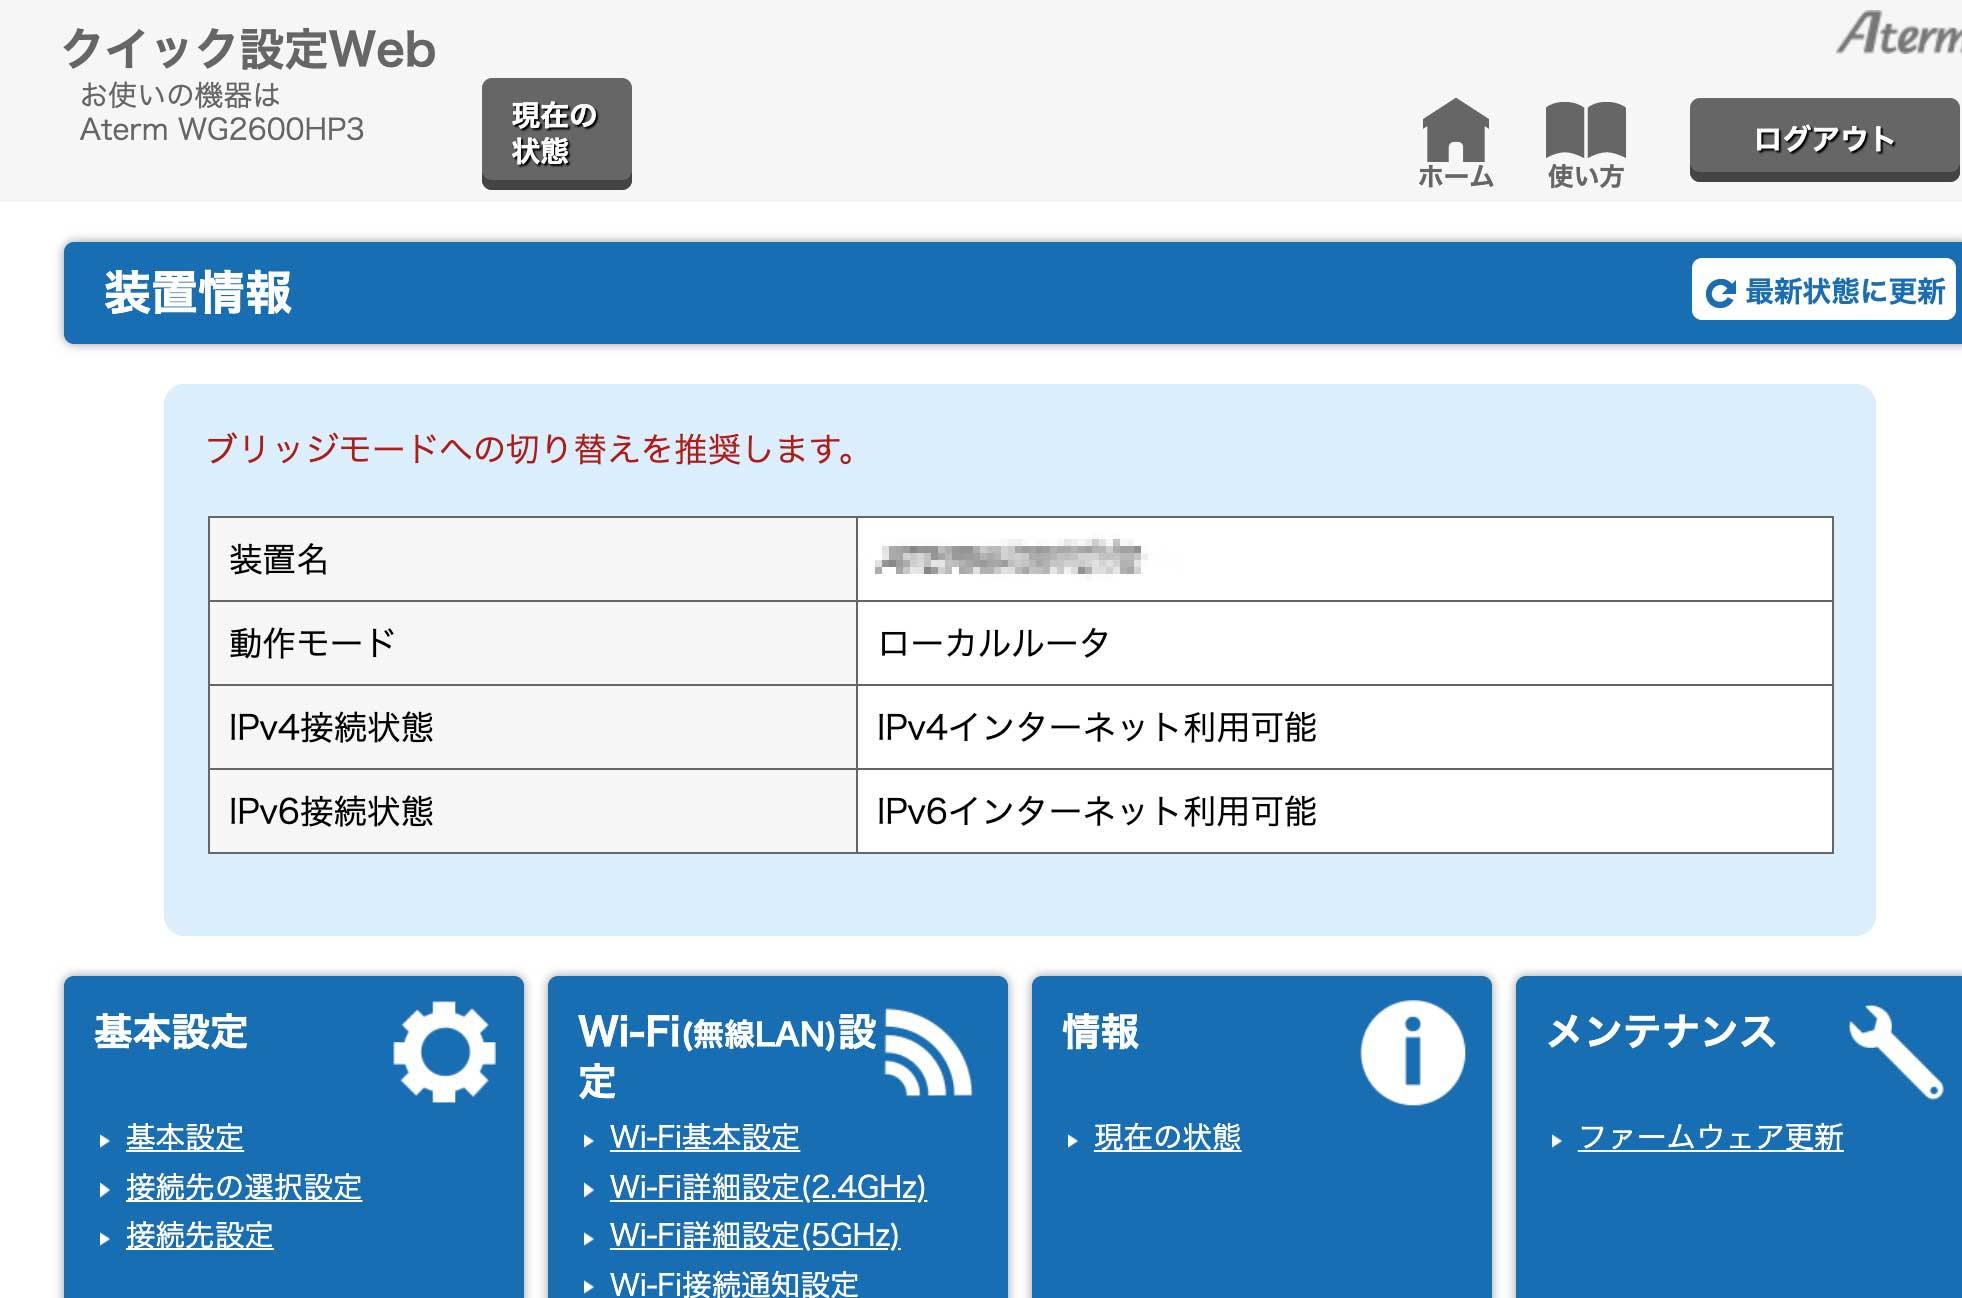 クイック設定Web